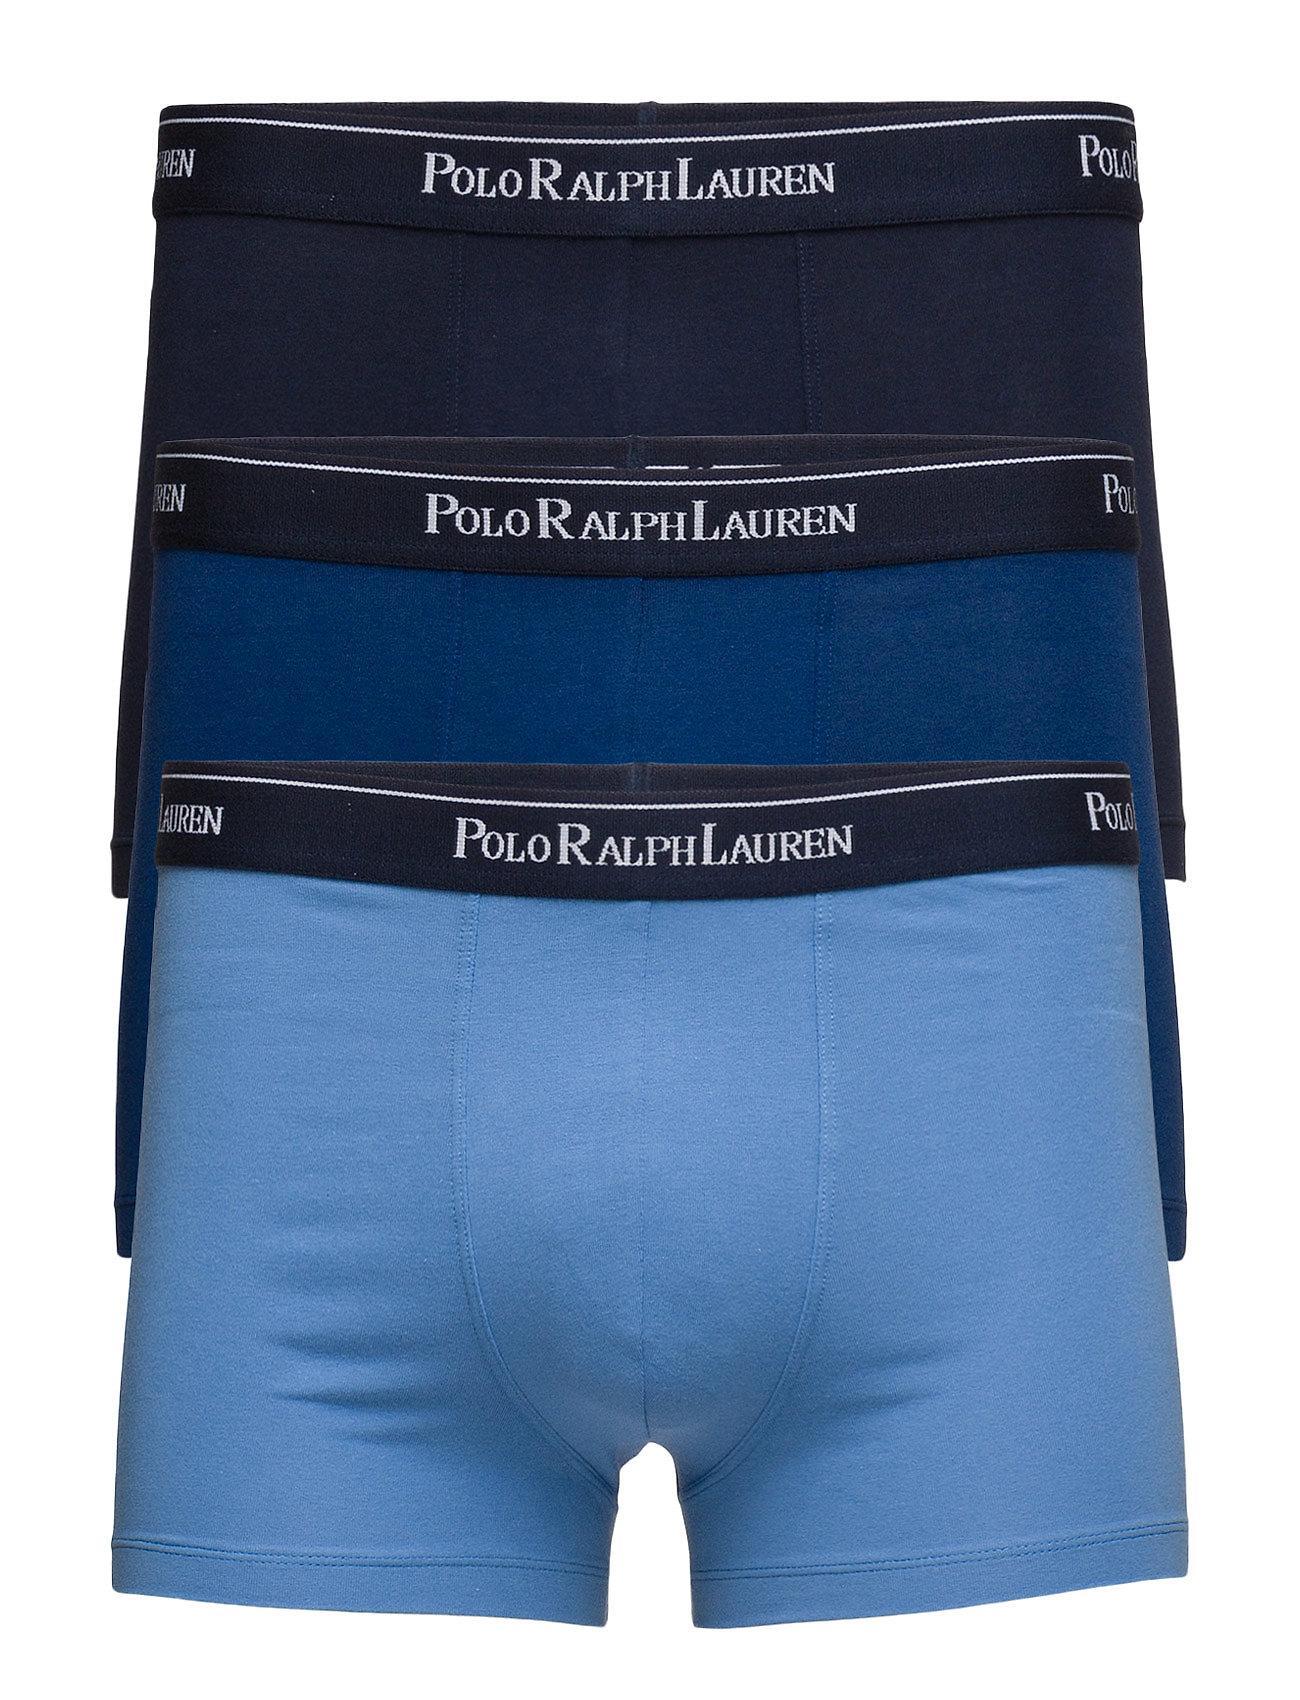 Polo Ralph Lauren Underwear Stretch-Cotton-Trunk 3-Pack